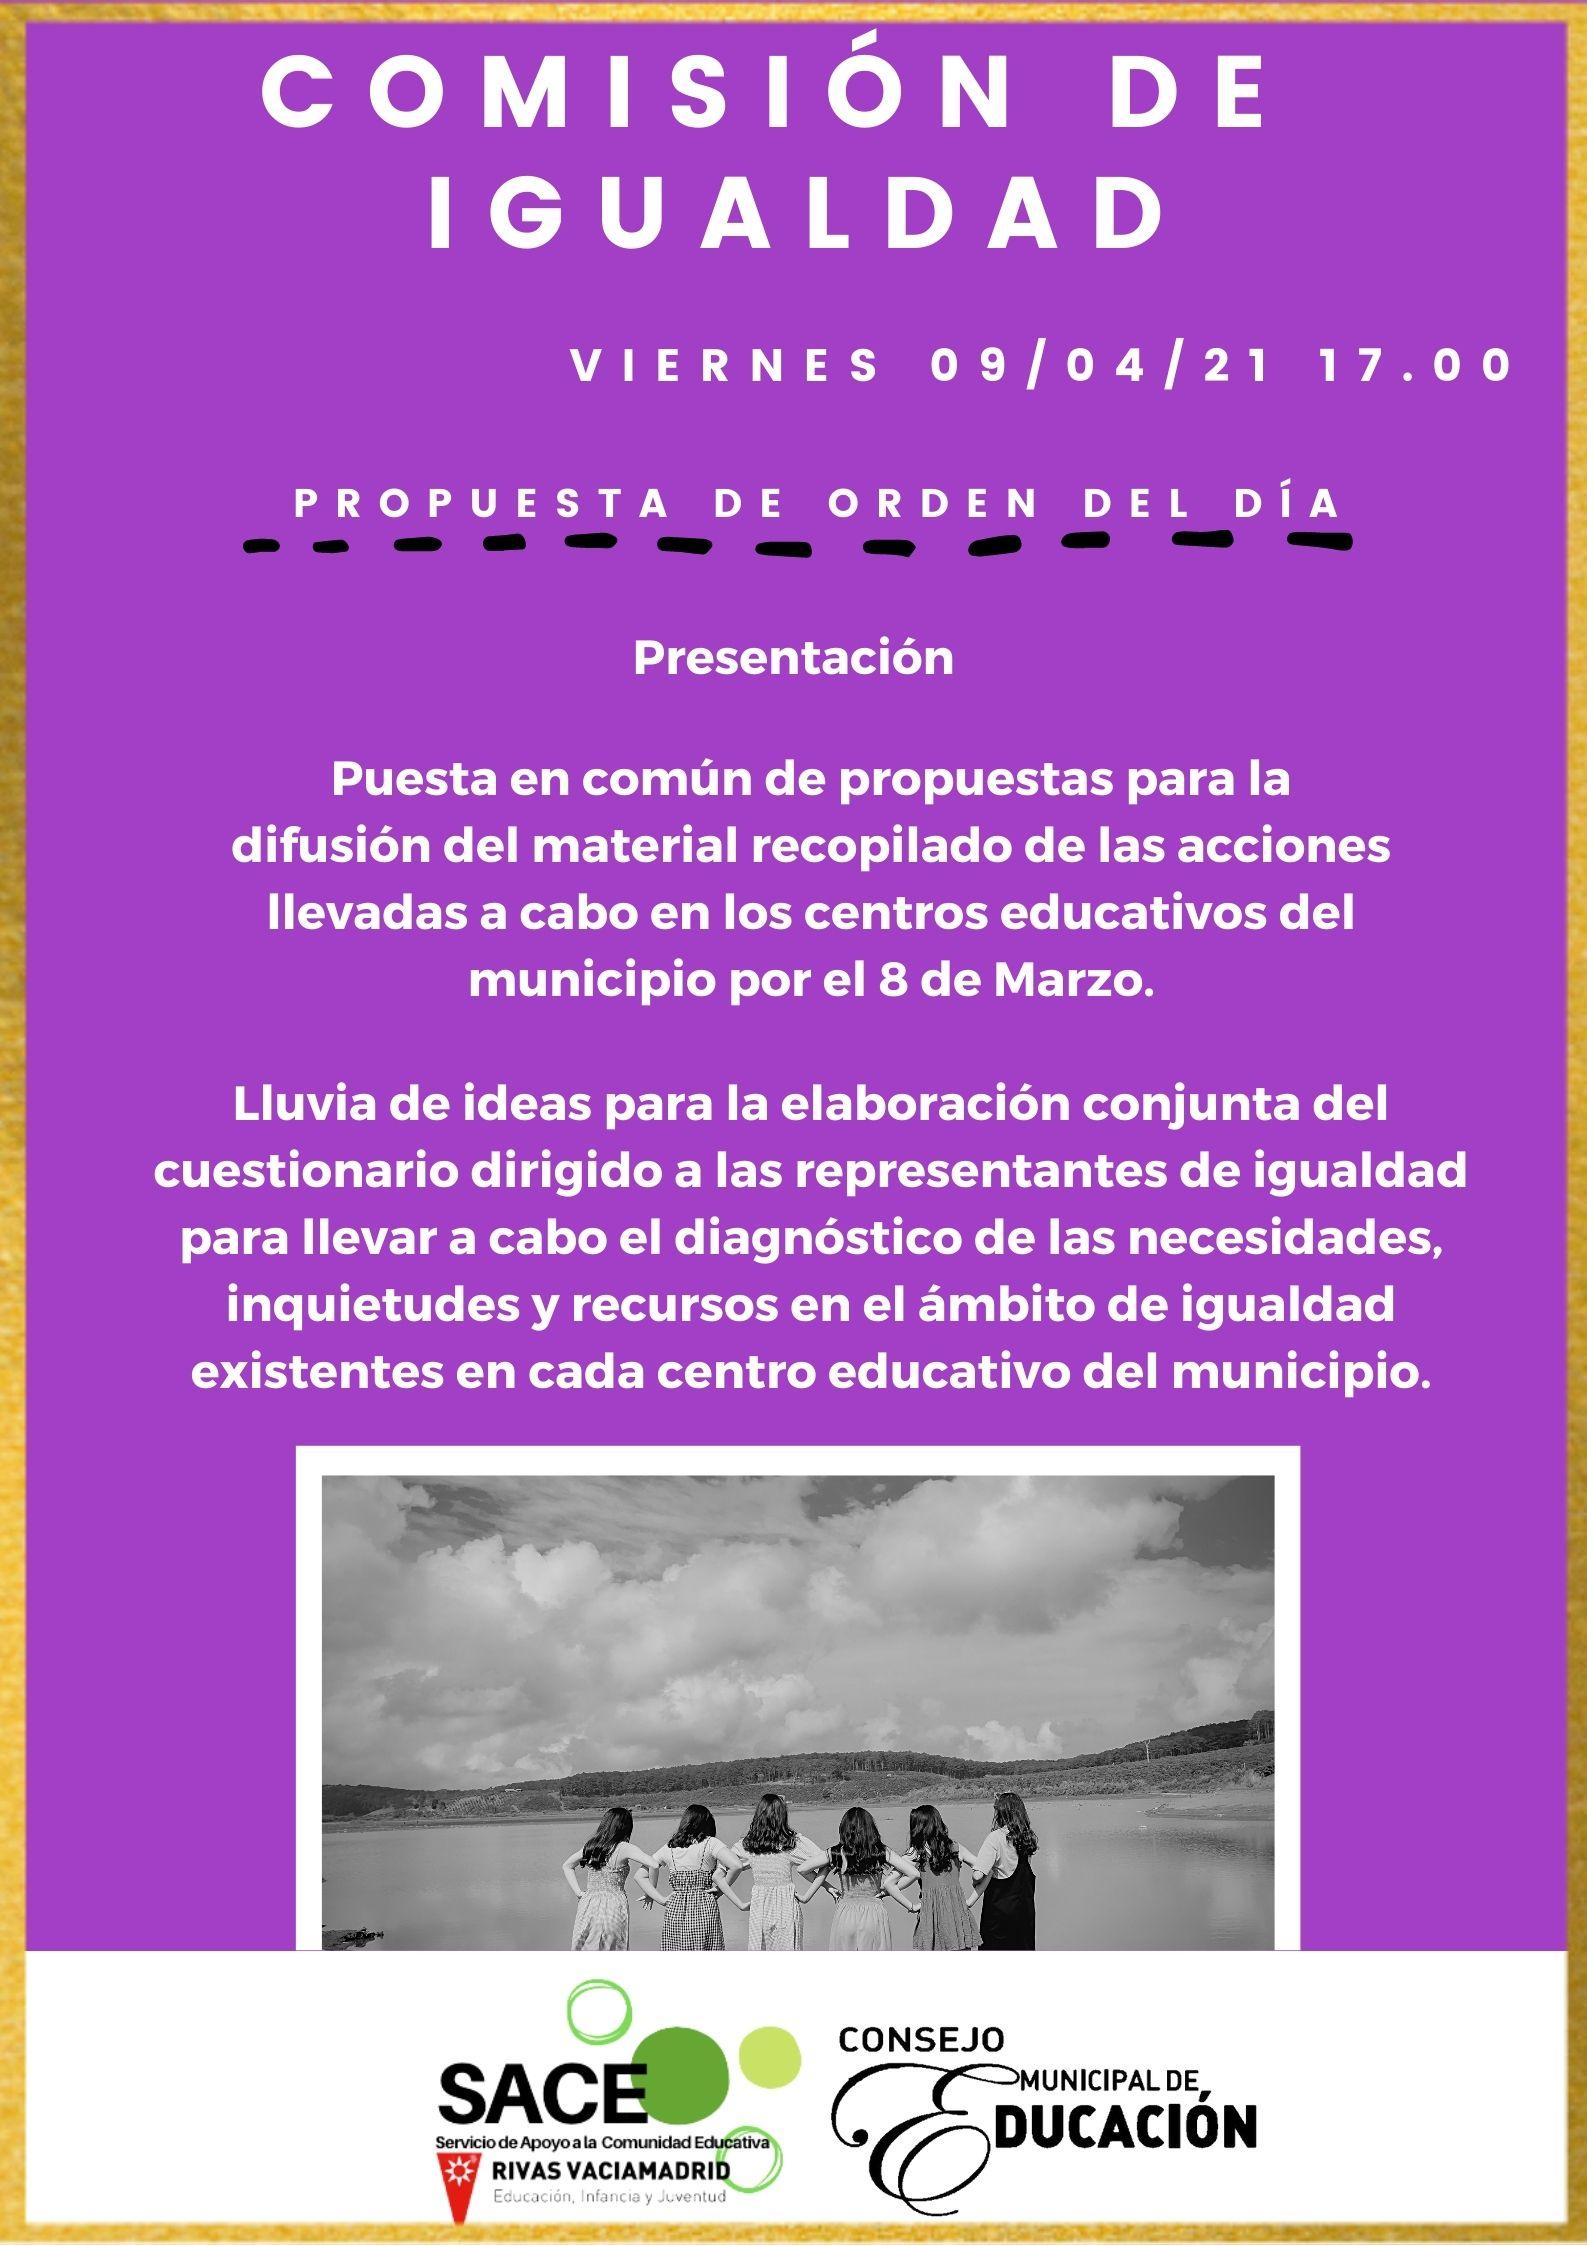 Comisión de igualdad del Consejo Municipal de Educación de Rivas Vaciamadrid